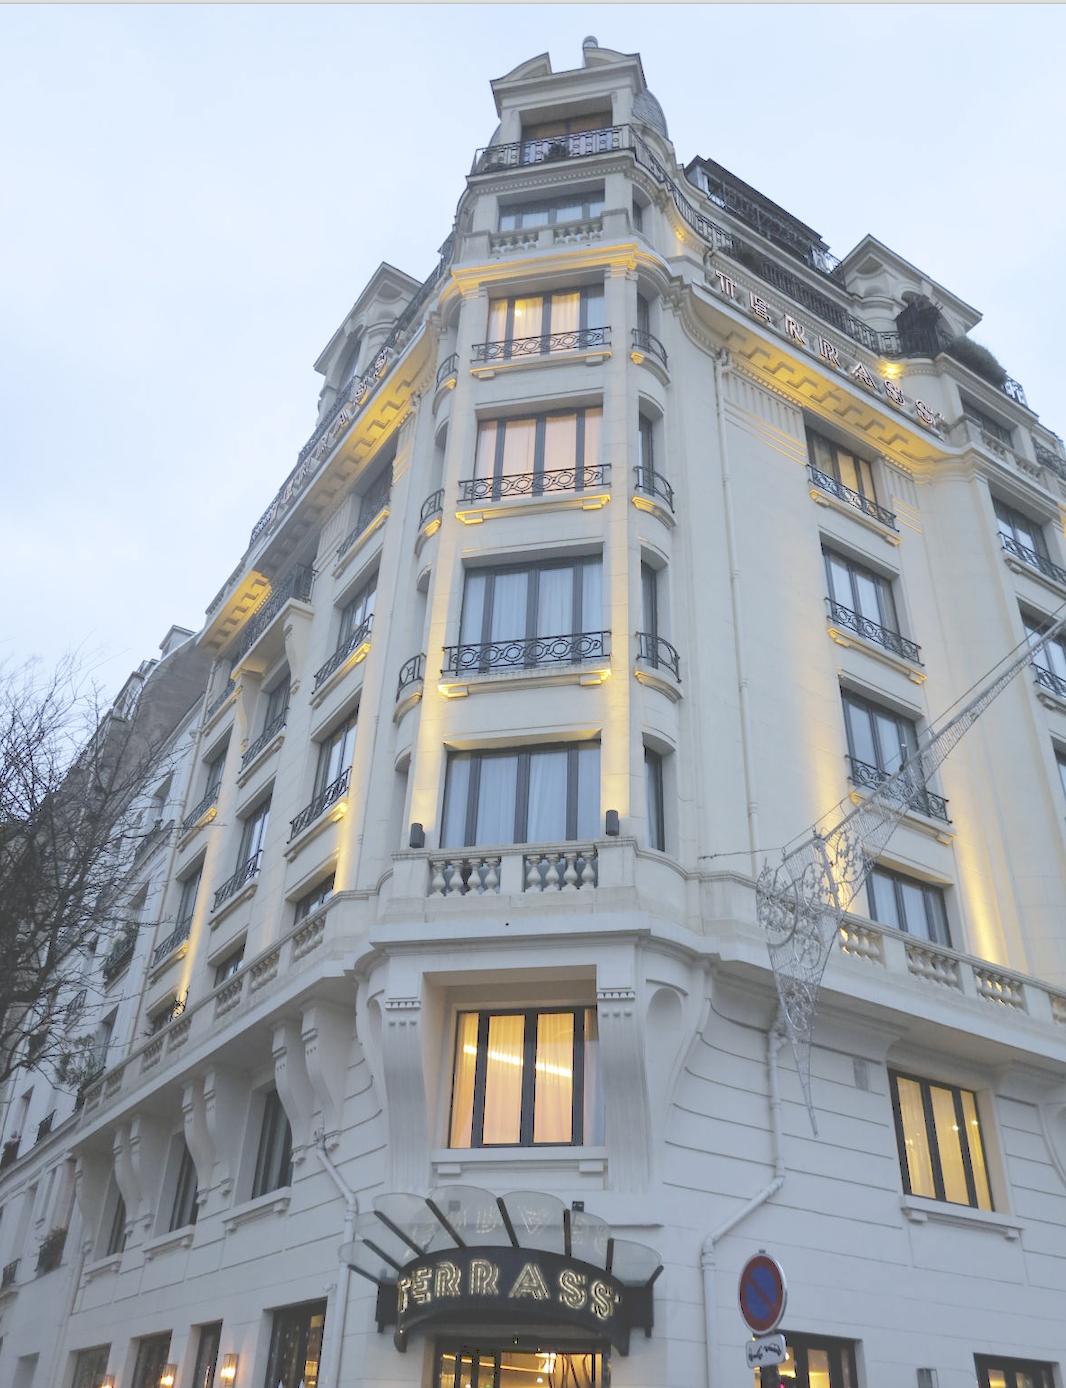 Cocktails in Parijs: een rooftop in Montmartre